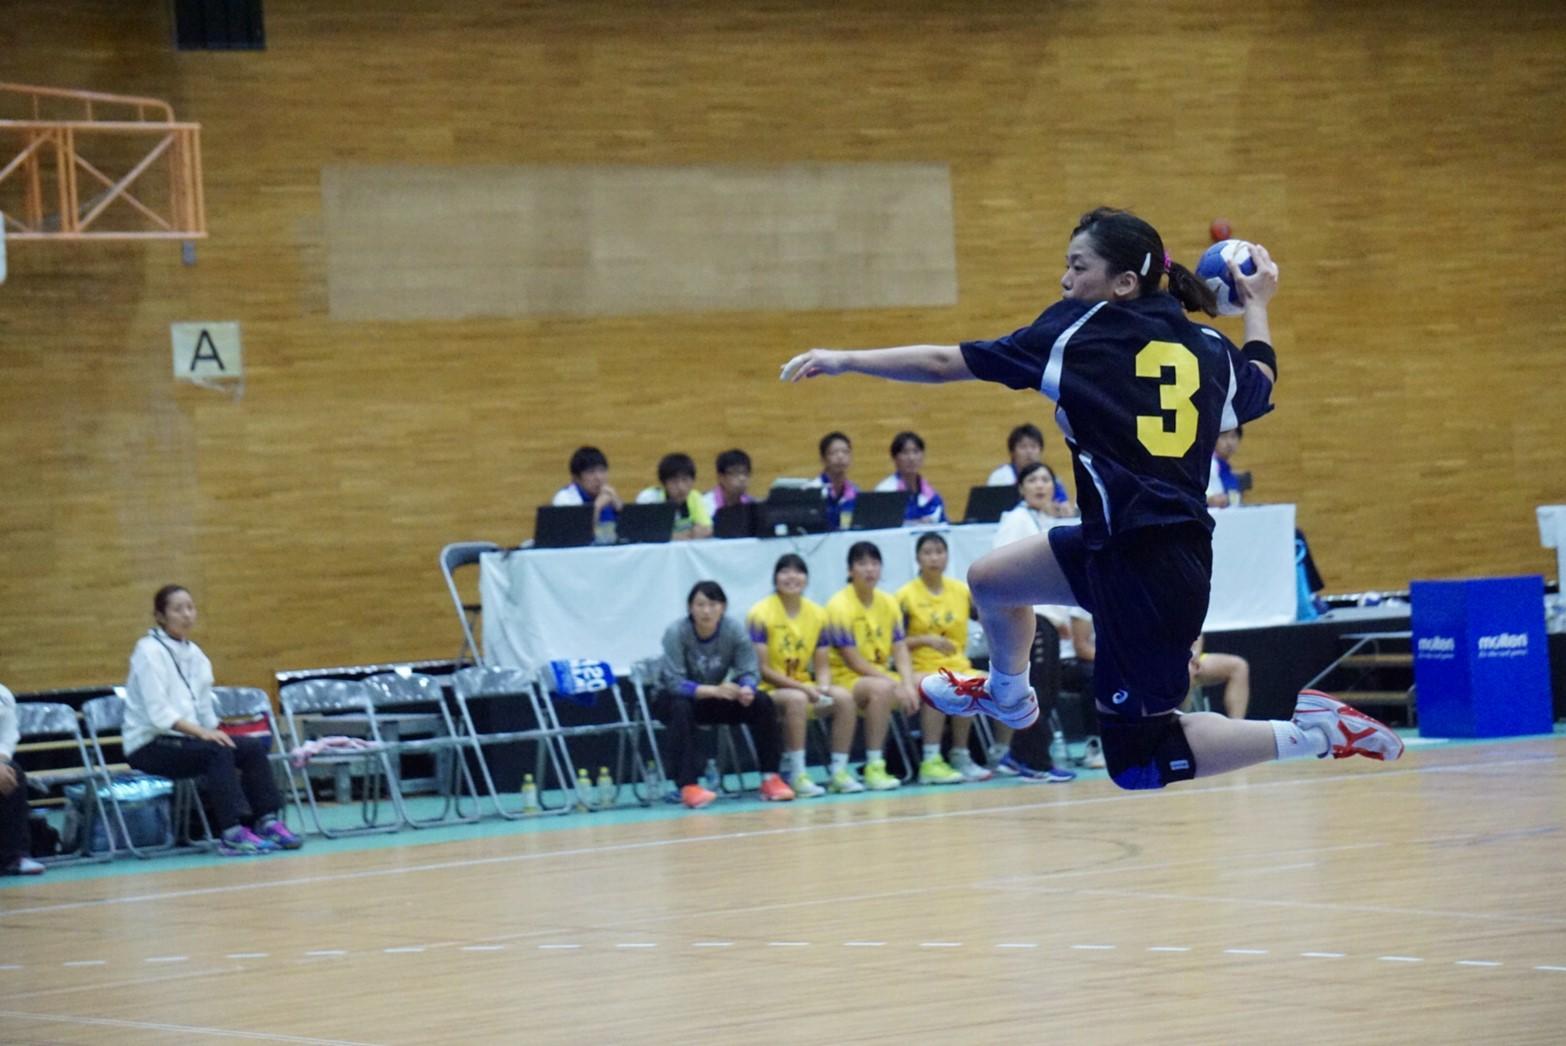 第74回国民体育大会 成年女子 準決勝の結果をアップしました イメージ